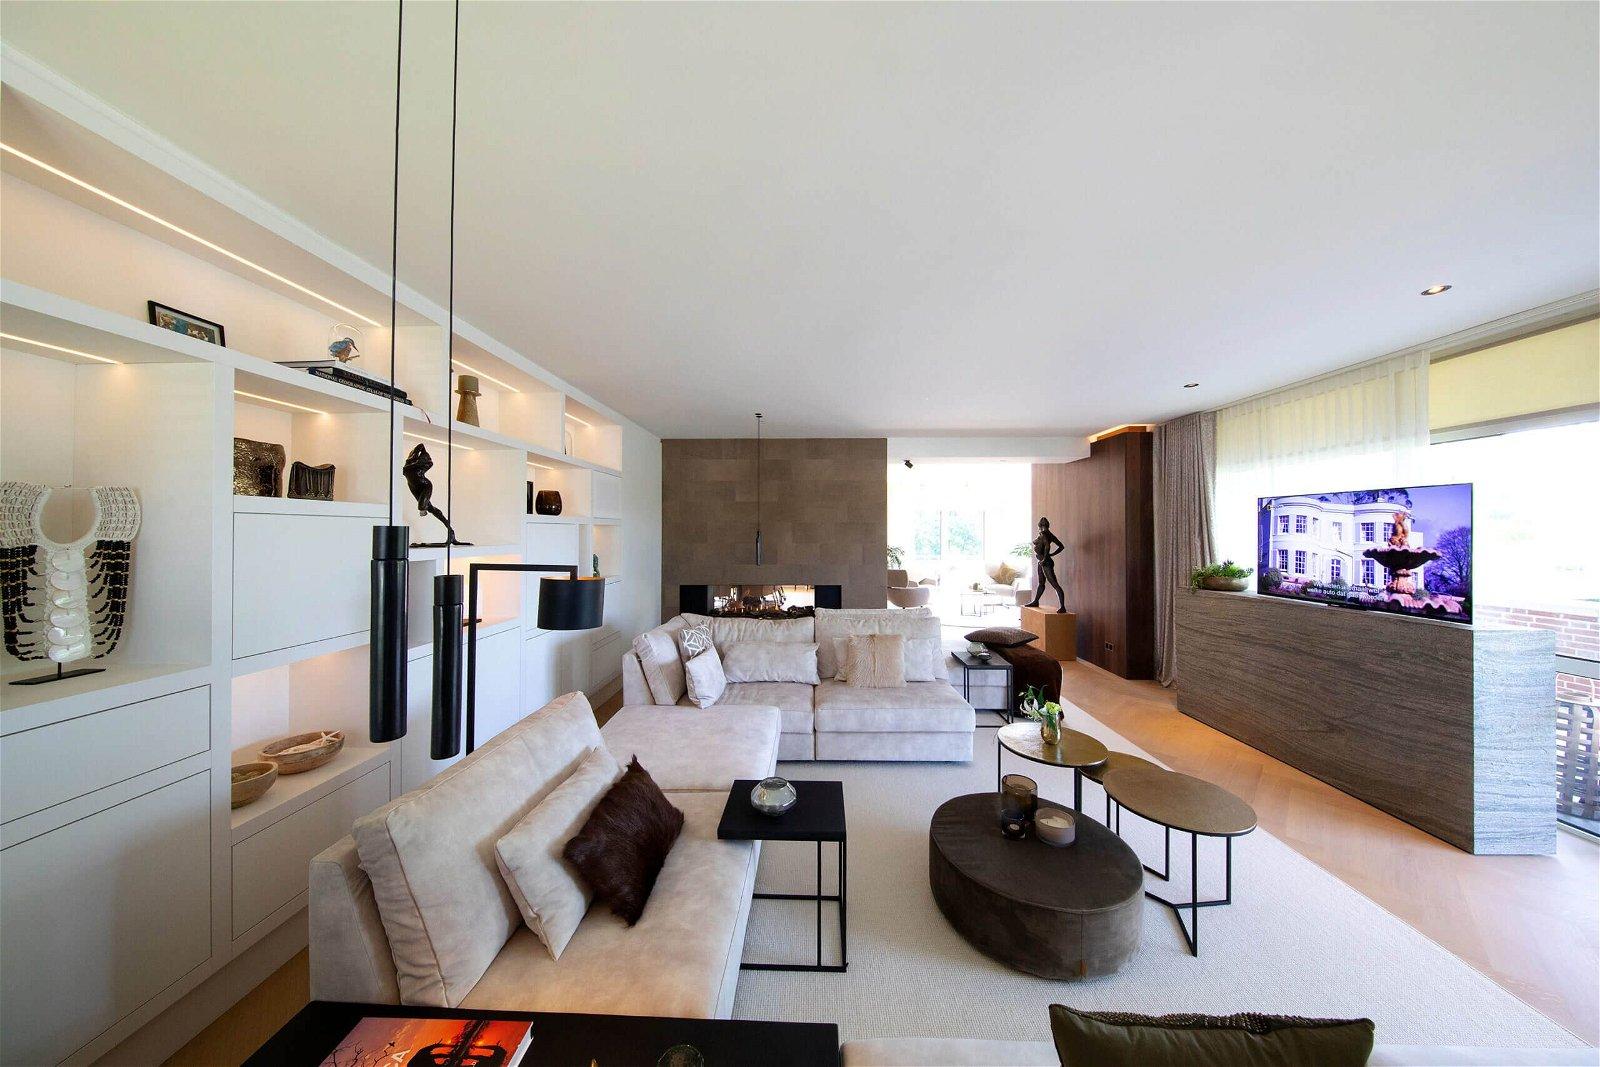 Hoppenbrouwers Techniek realiseerde een compleet domotica concept voor een luxe appartement